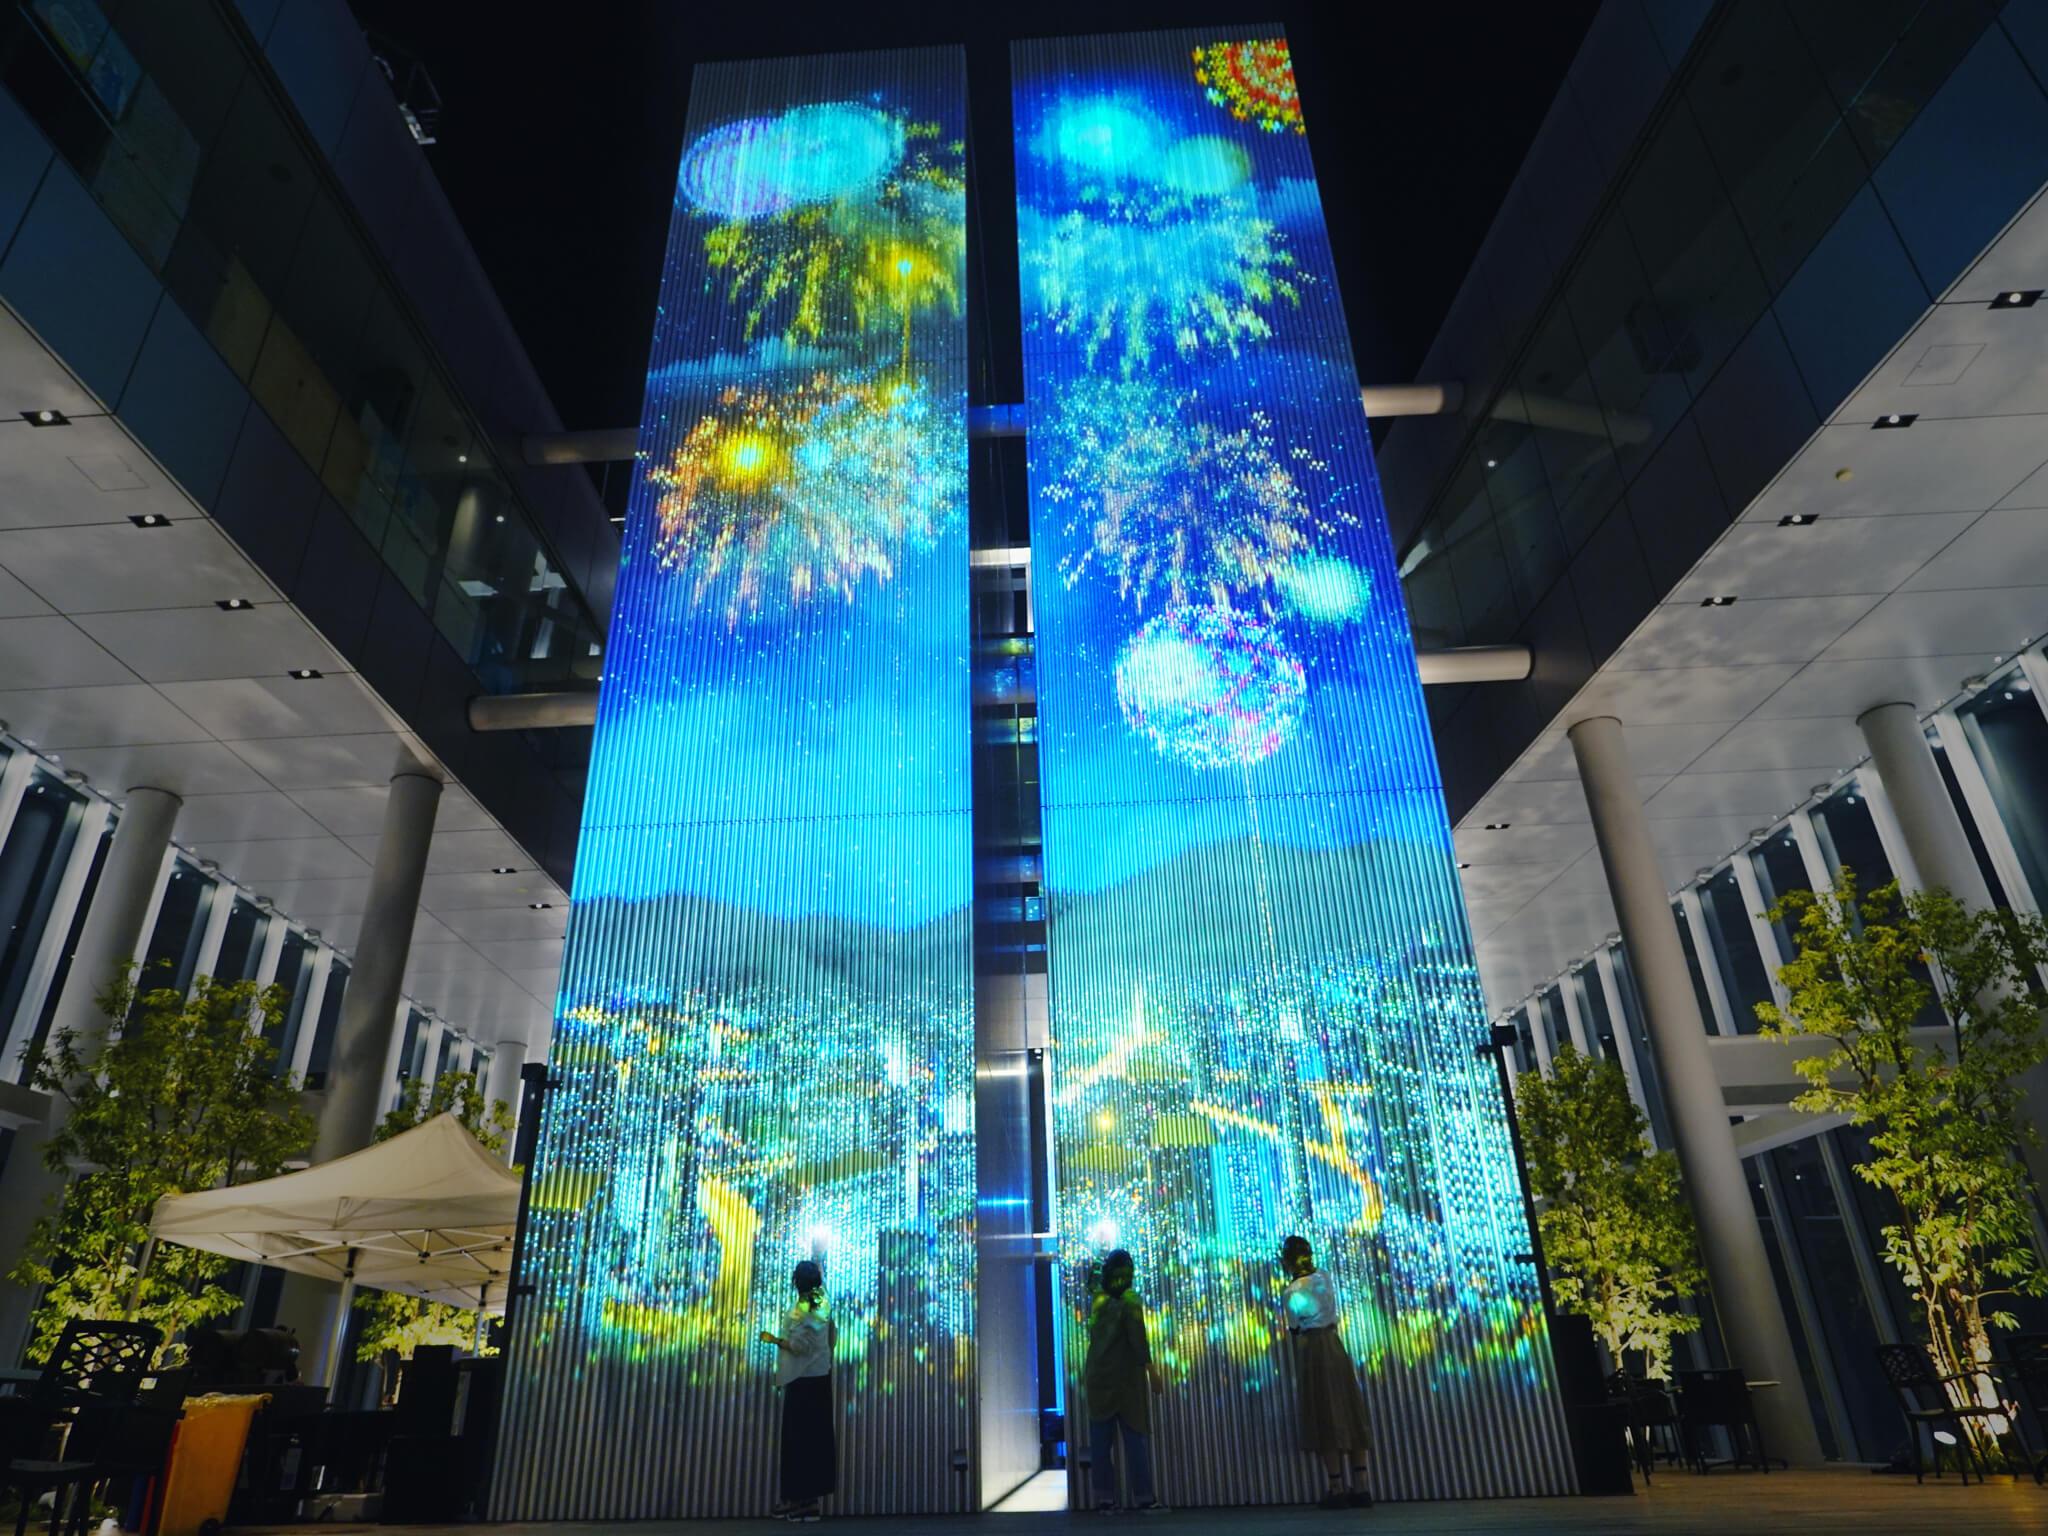 あべのハルカス ハルカス300(展望台) 58階 天空庭園「天空花火 -FIREWORKS BY NAKED-」